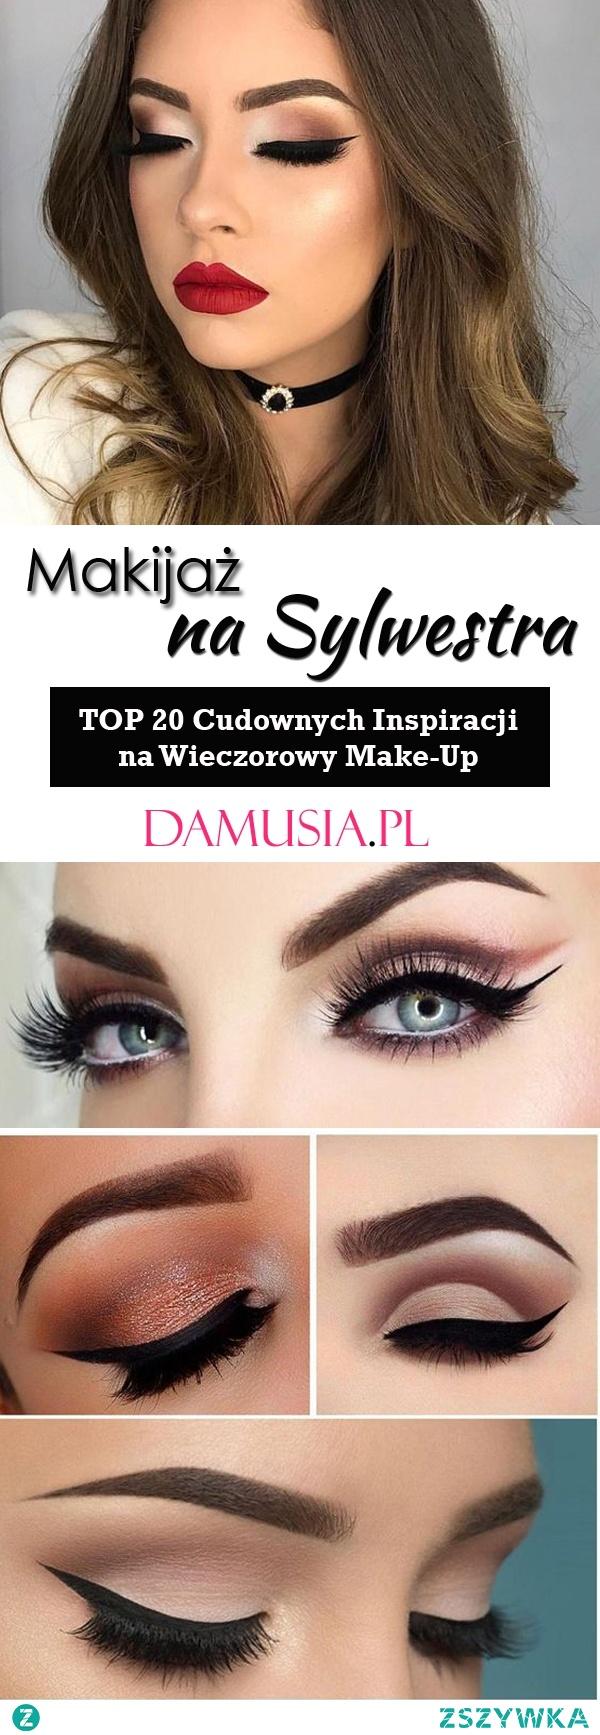 Makijaż na Sylwestra: 20 Ciekawych Inspiracji